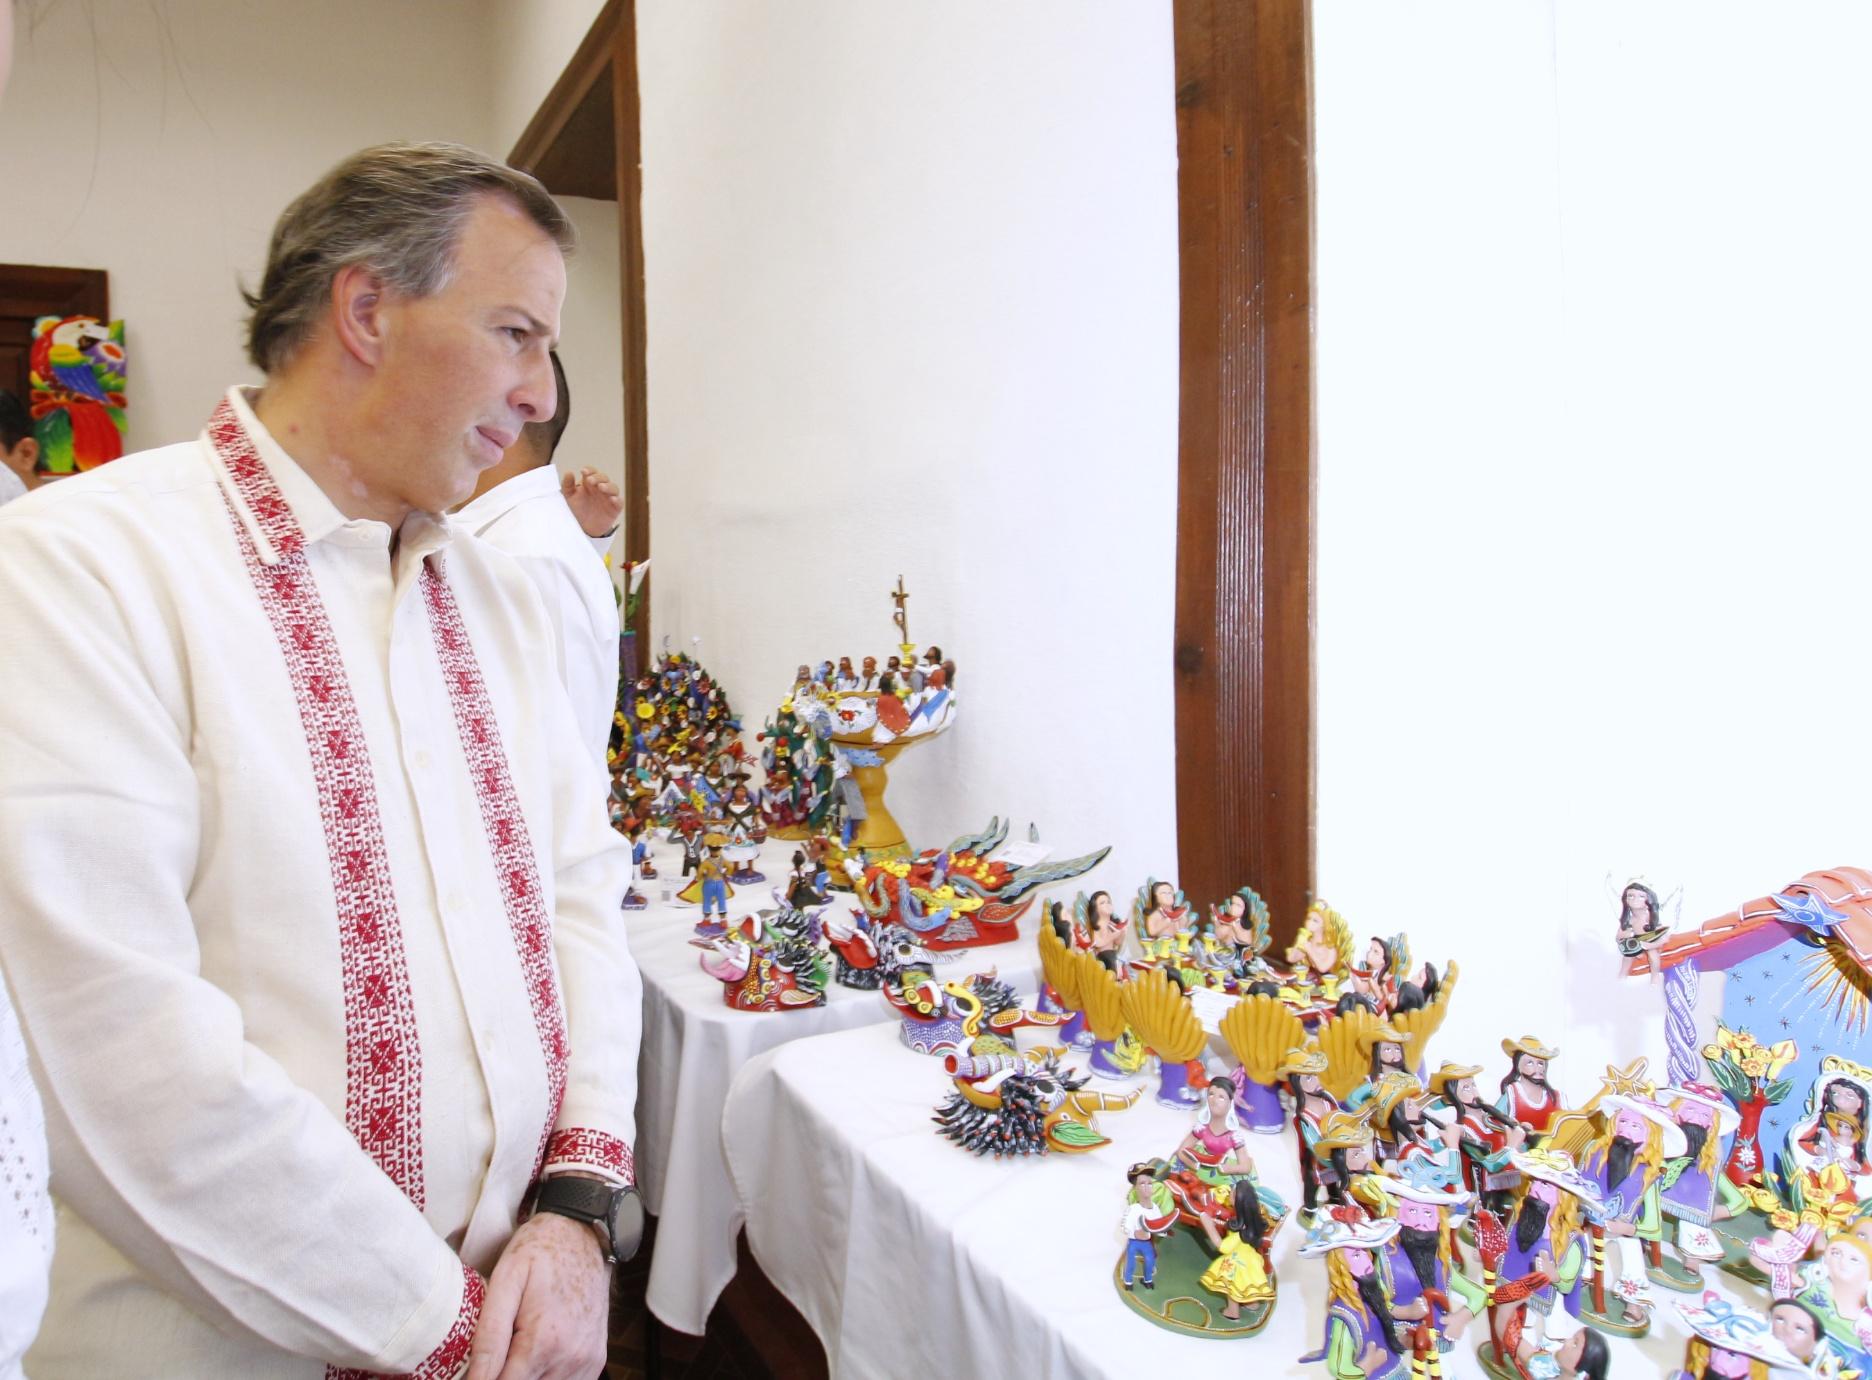 El secretario Meade asistió al Concurso Estatal de Artesanías de Domingo de Ramos